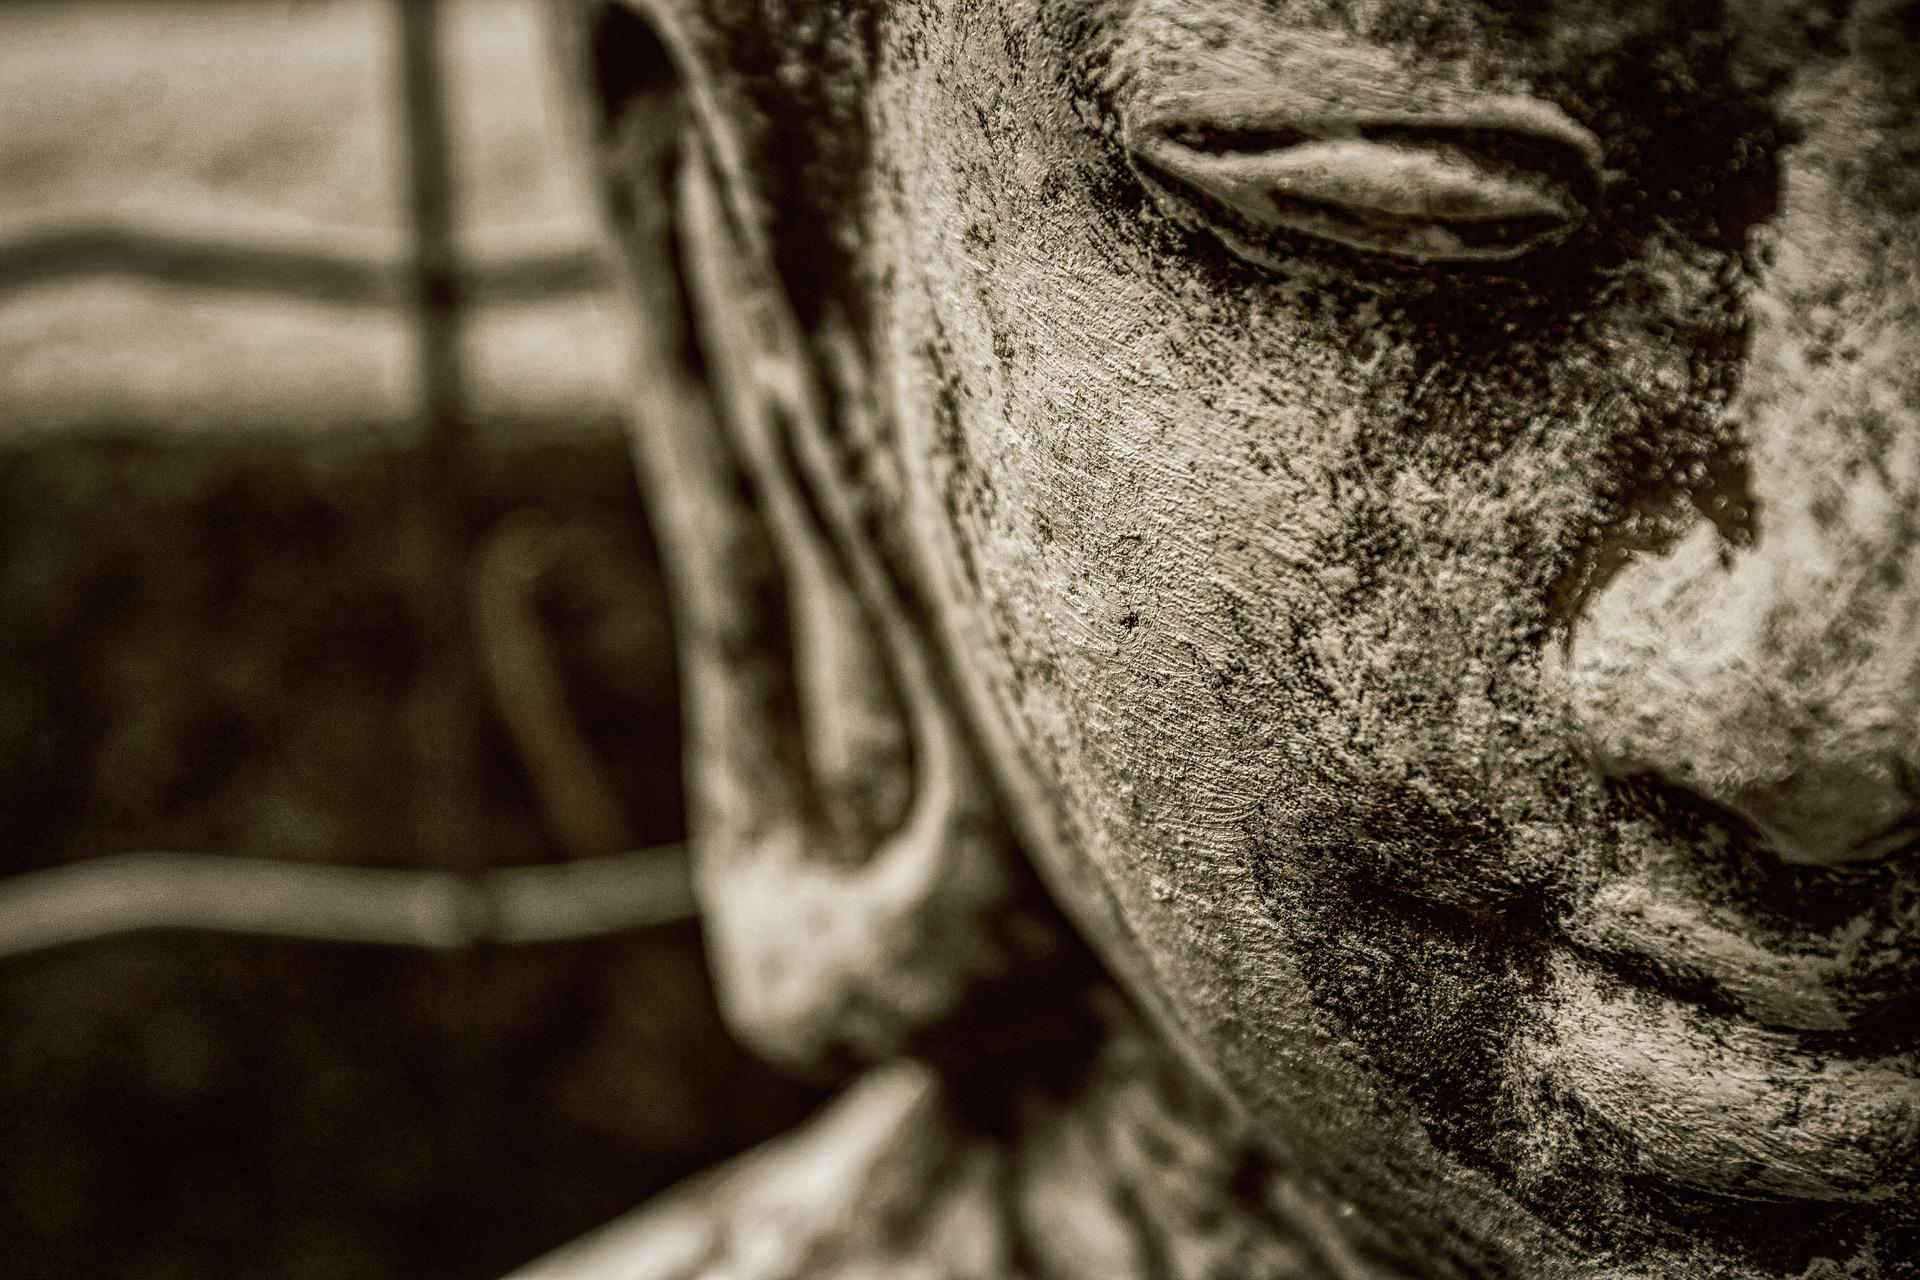 Buddha in deep Mantra Meditation